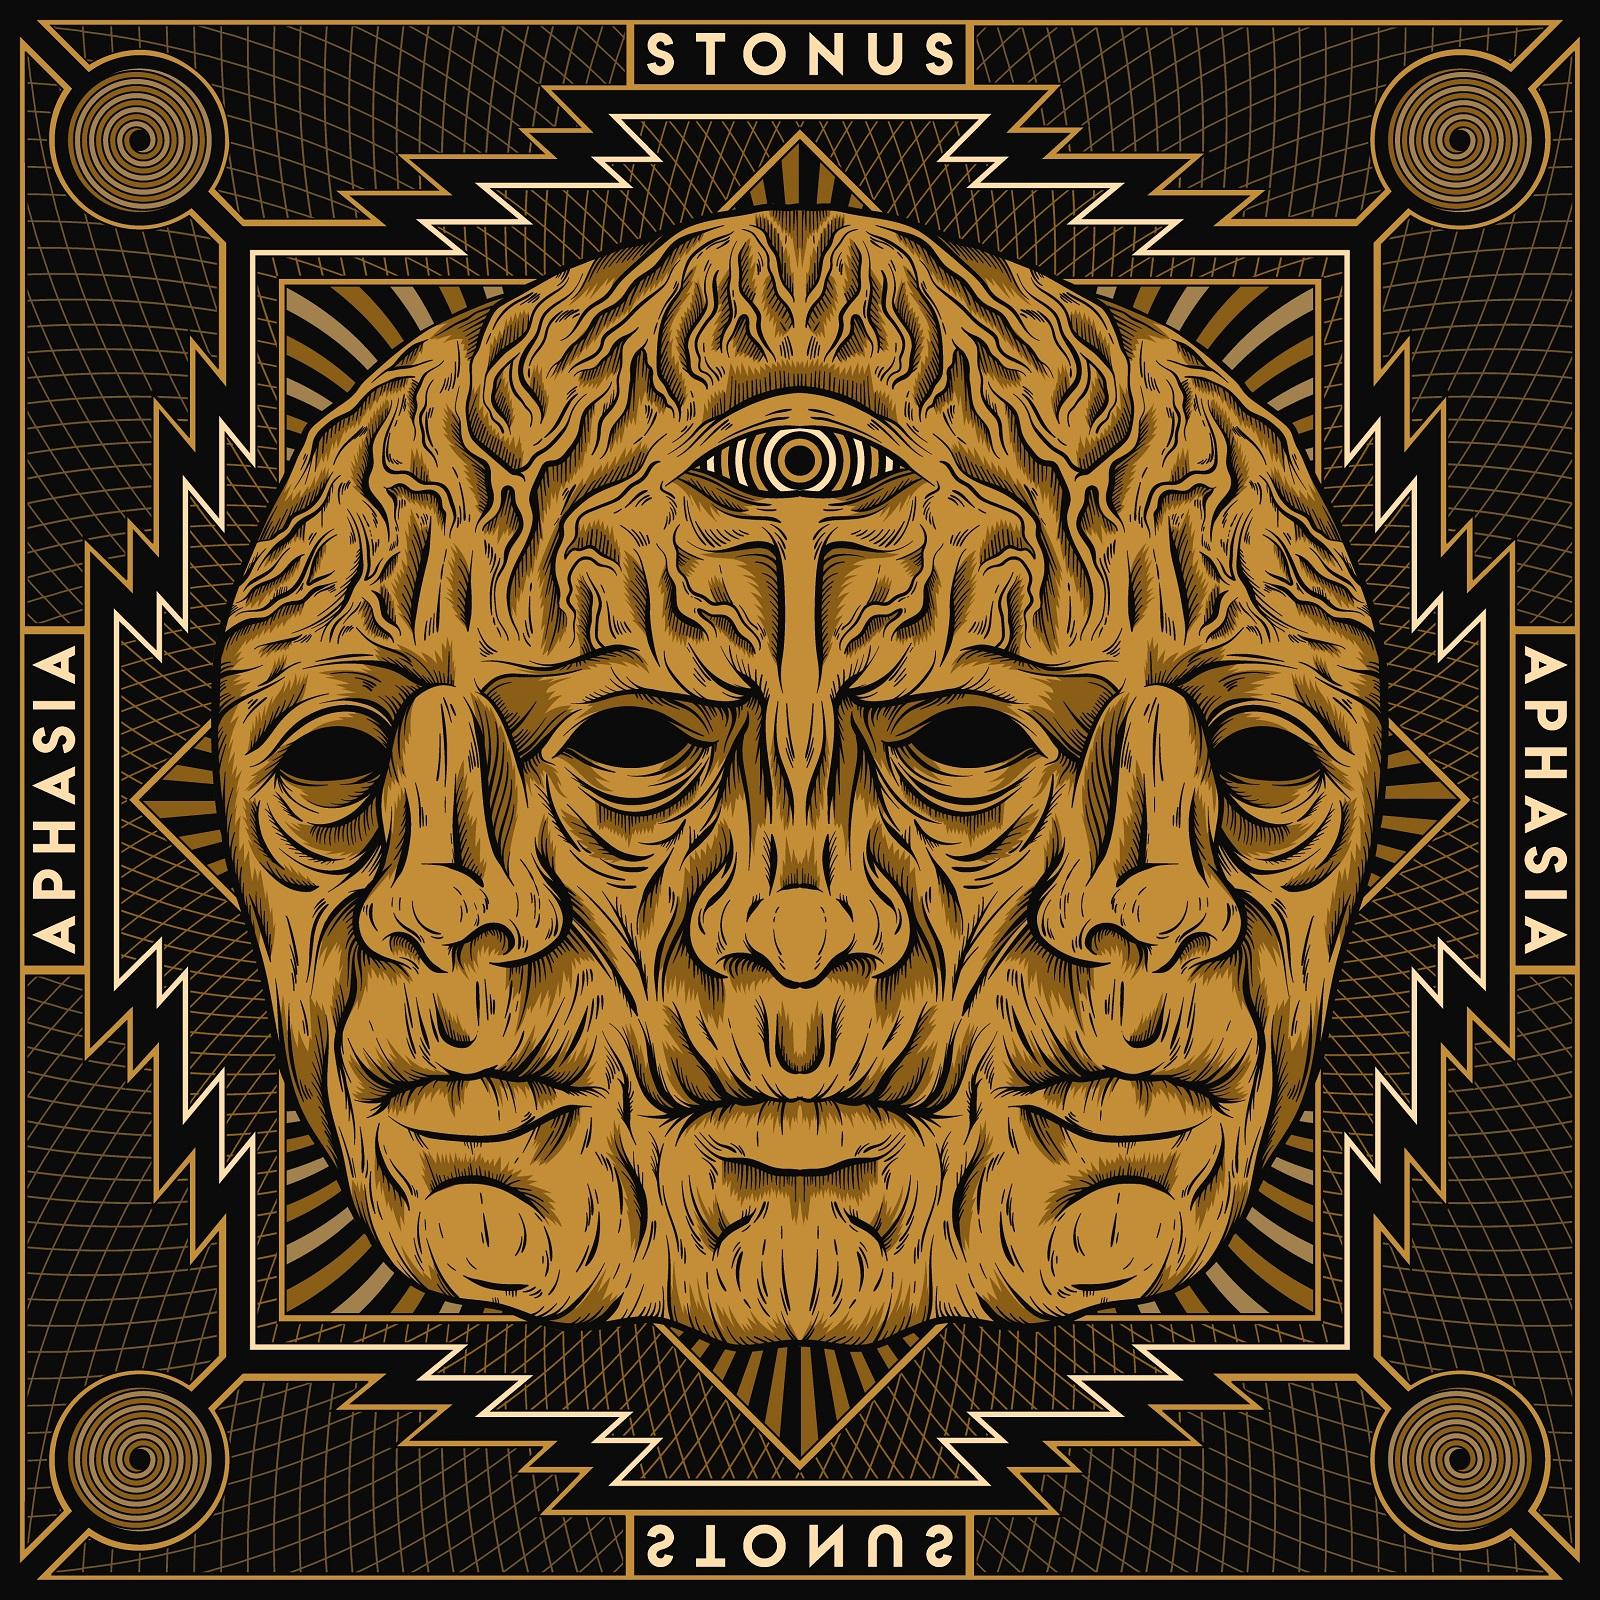 Stonus - Aphasia 01